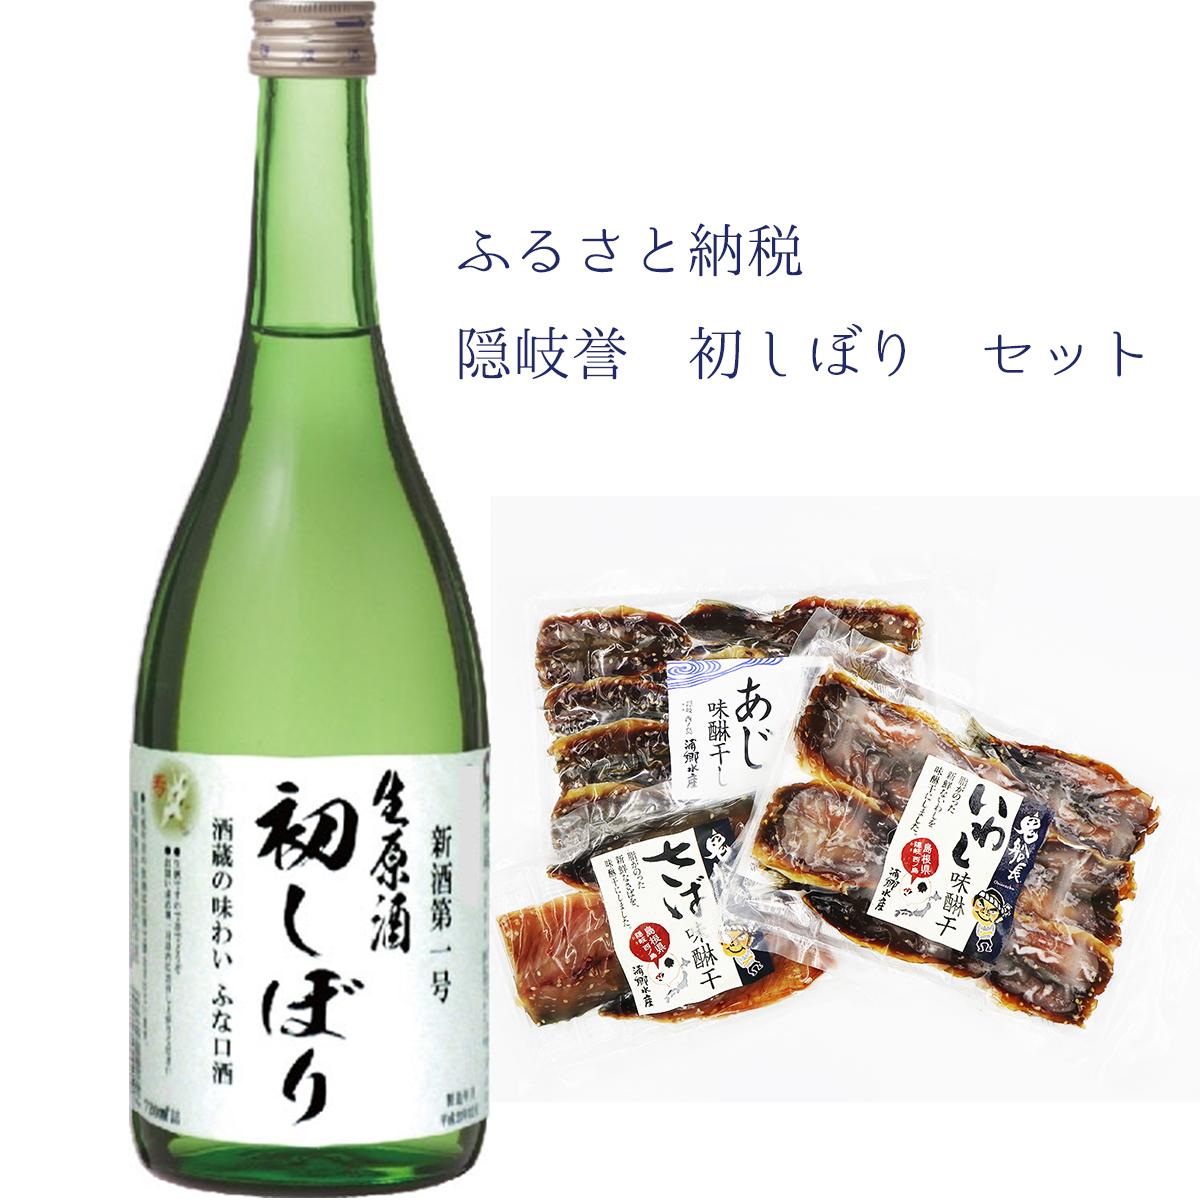 【ふるさと納税】日本酒 隠岐誉 初しぼり 干物 セット 720ml セット 冬 限定